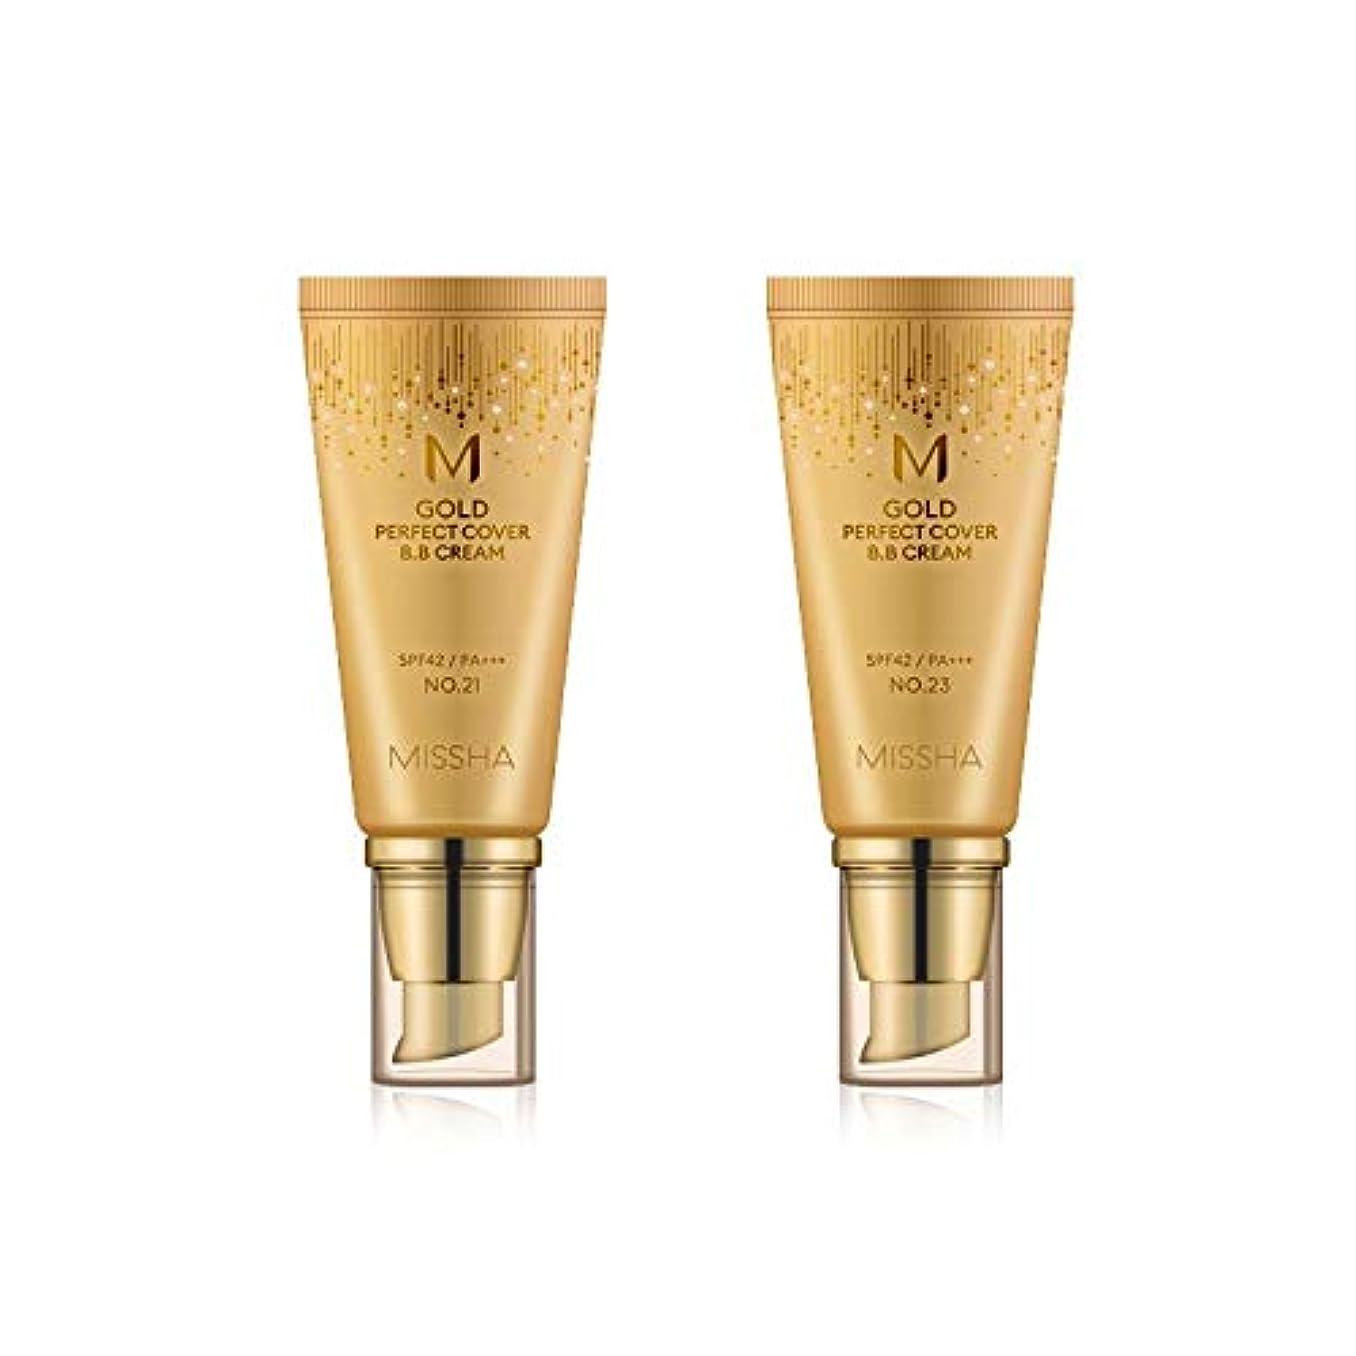 ピアース明らかにする地平線MISSHA Gold Perfecte Cover BB Cream SPF42 PA+++ / ミシャ ゴールド パーフェクト カバー BBクリーム 50ml *NO.23 [並行輸入品]